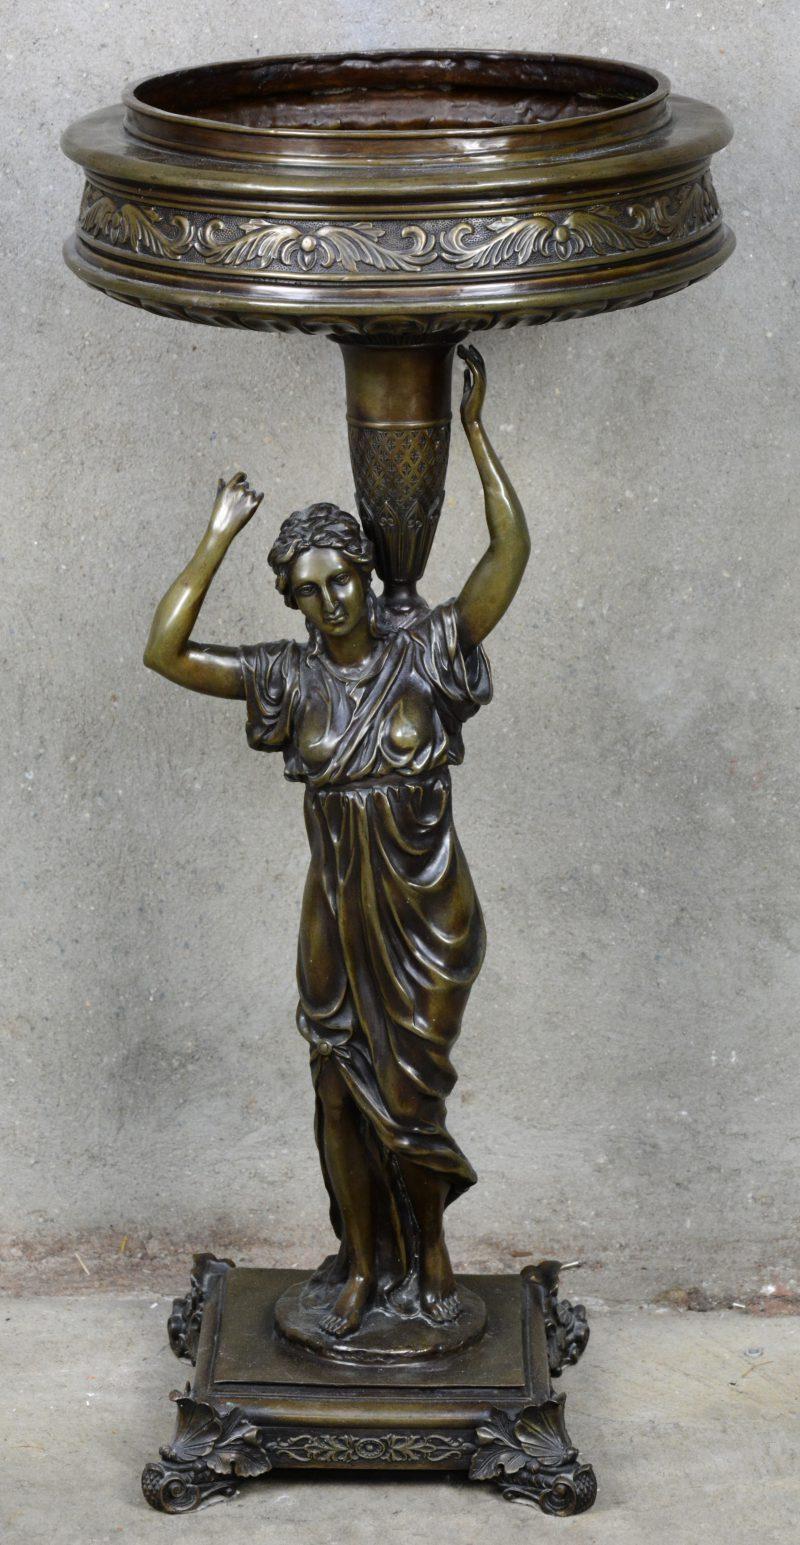 Een bronzen sierjardinière, gedragen door een vrouwenfiguur.